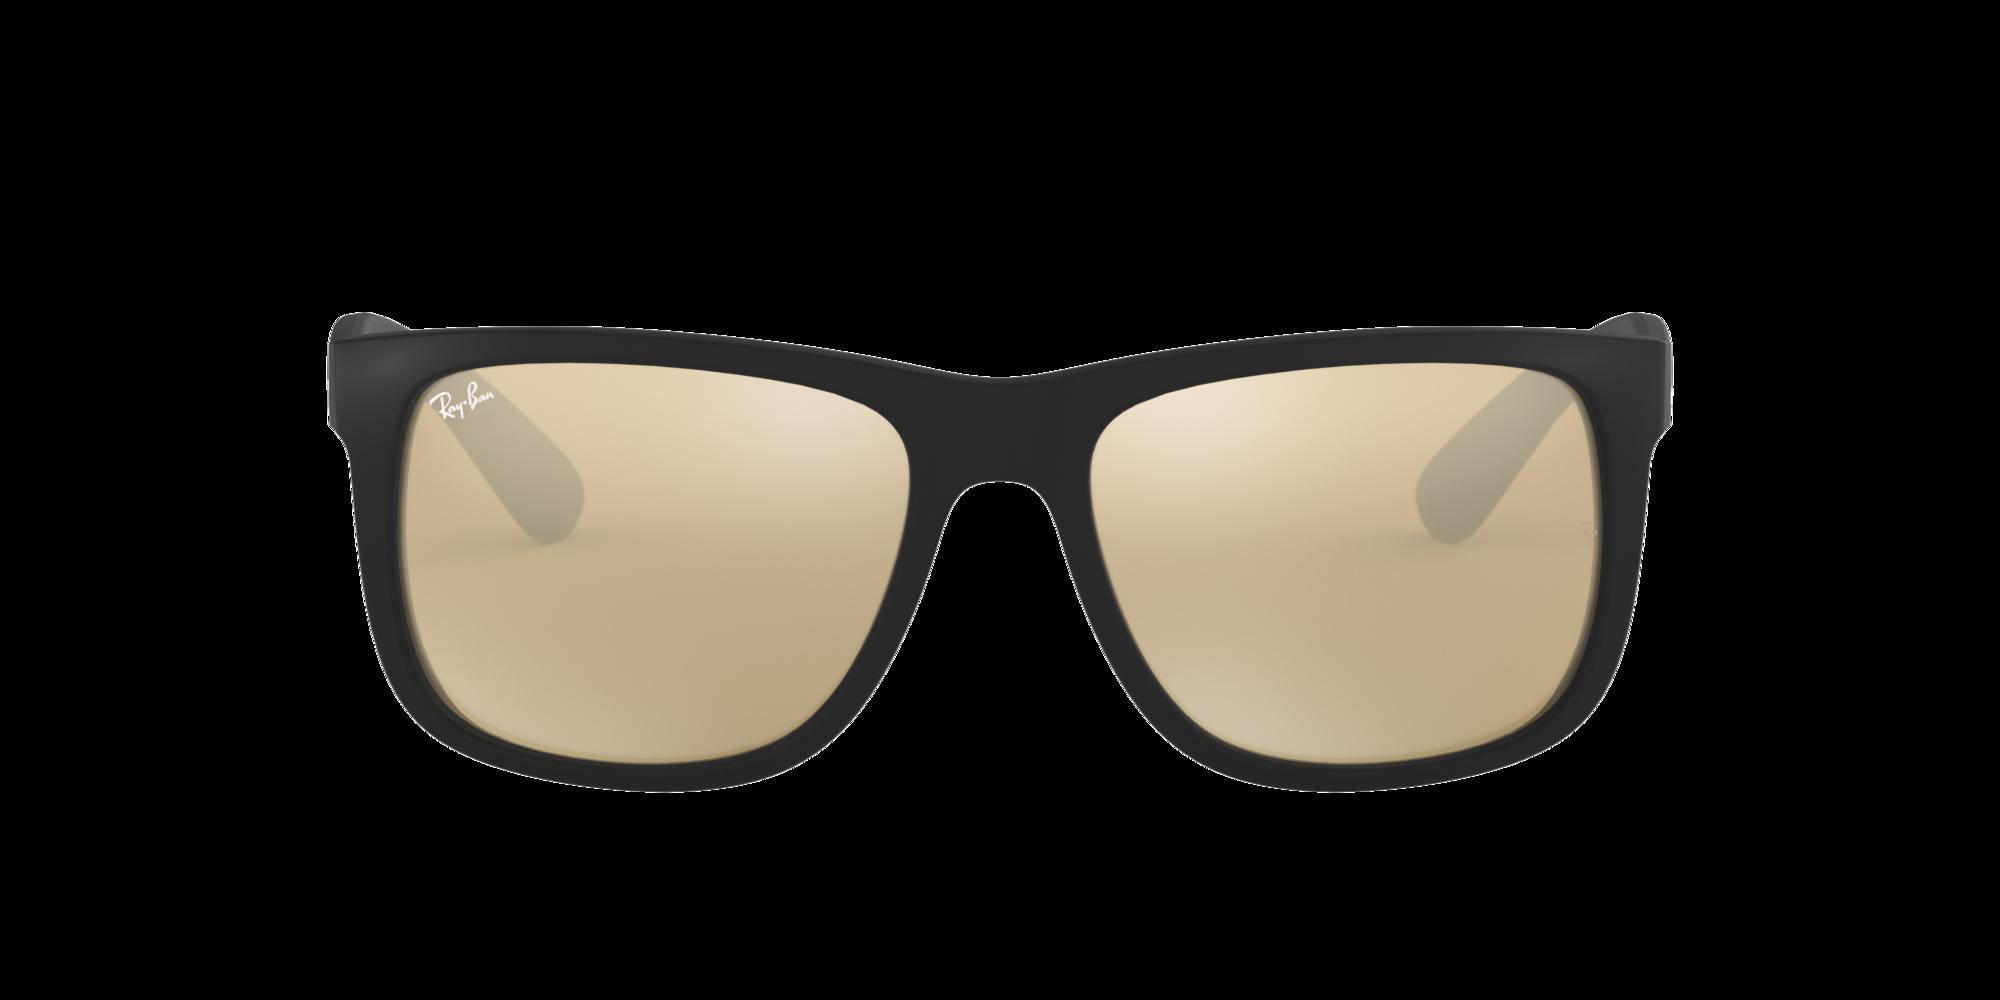 Imagen para RB4165 54 JUSTIN de LensCrafters |  Espejuelos, espejuelos graduados en línea, gafas